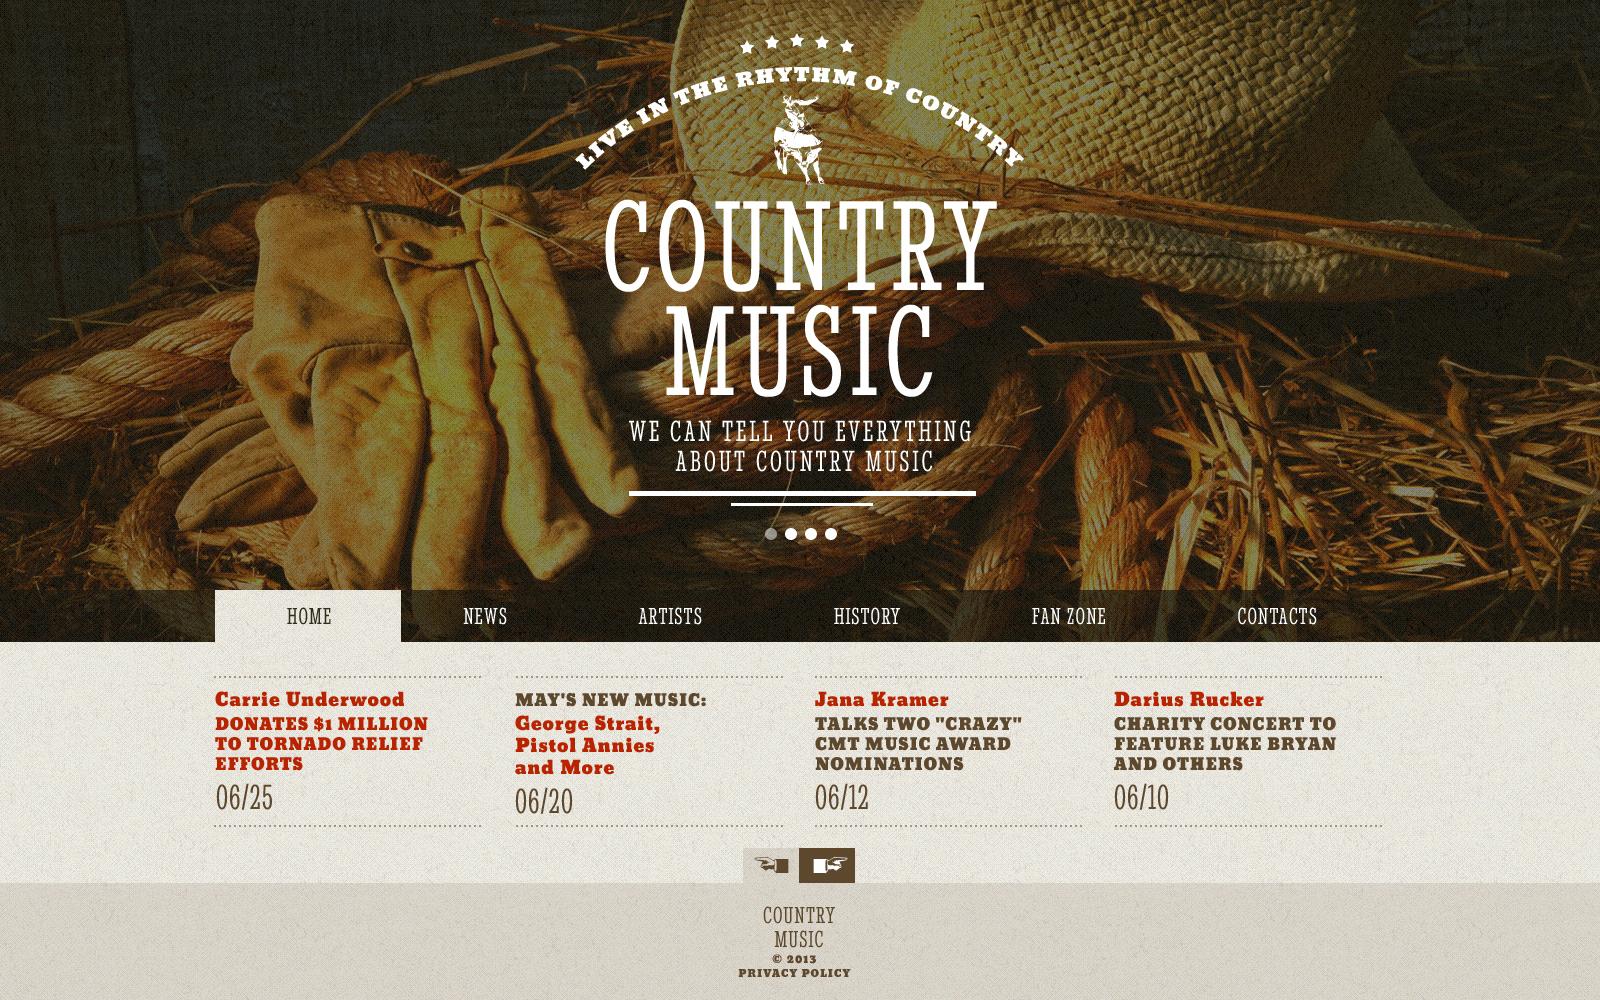 Bootstrap Müzik Grubu Web Sitesi #45846 - Ekran resmi